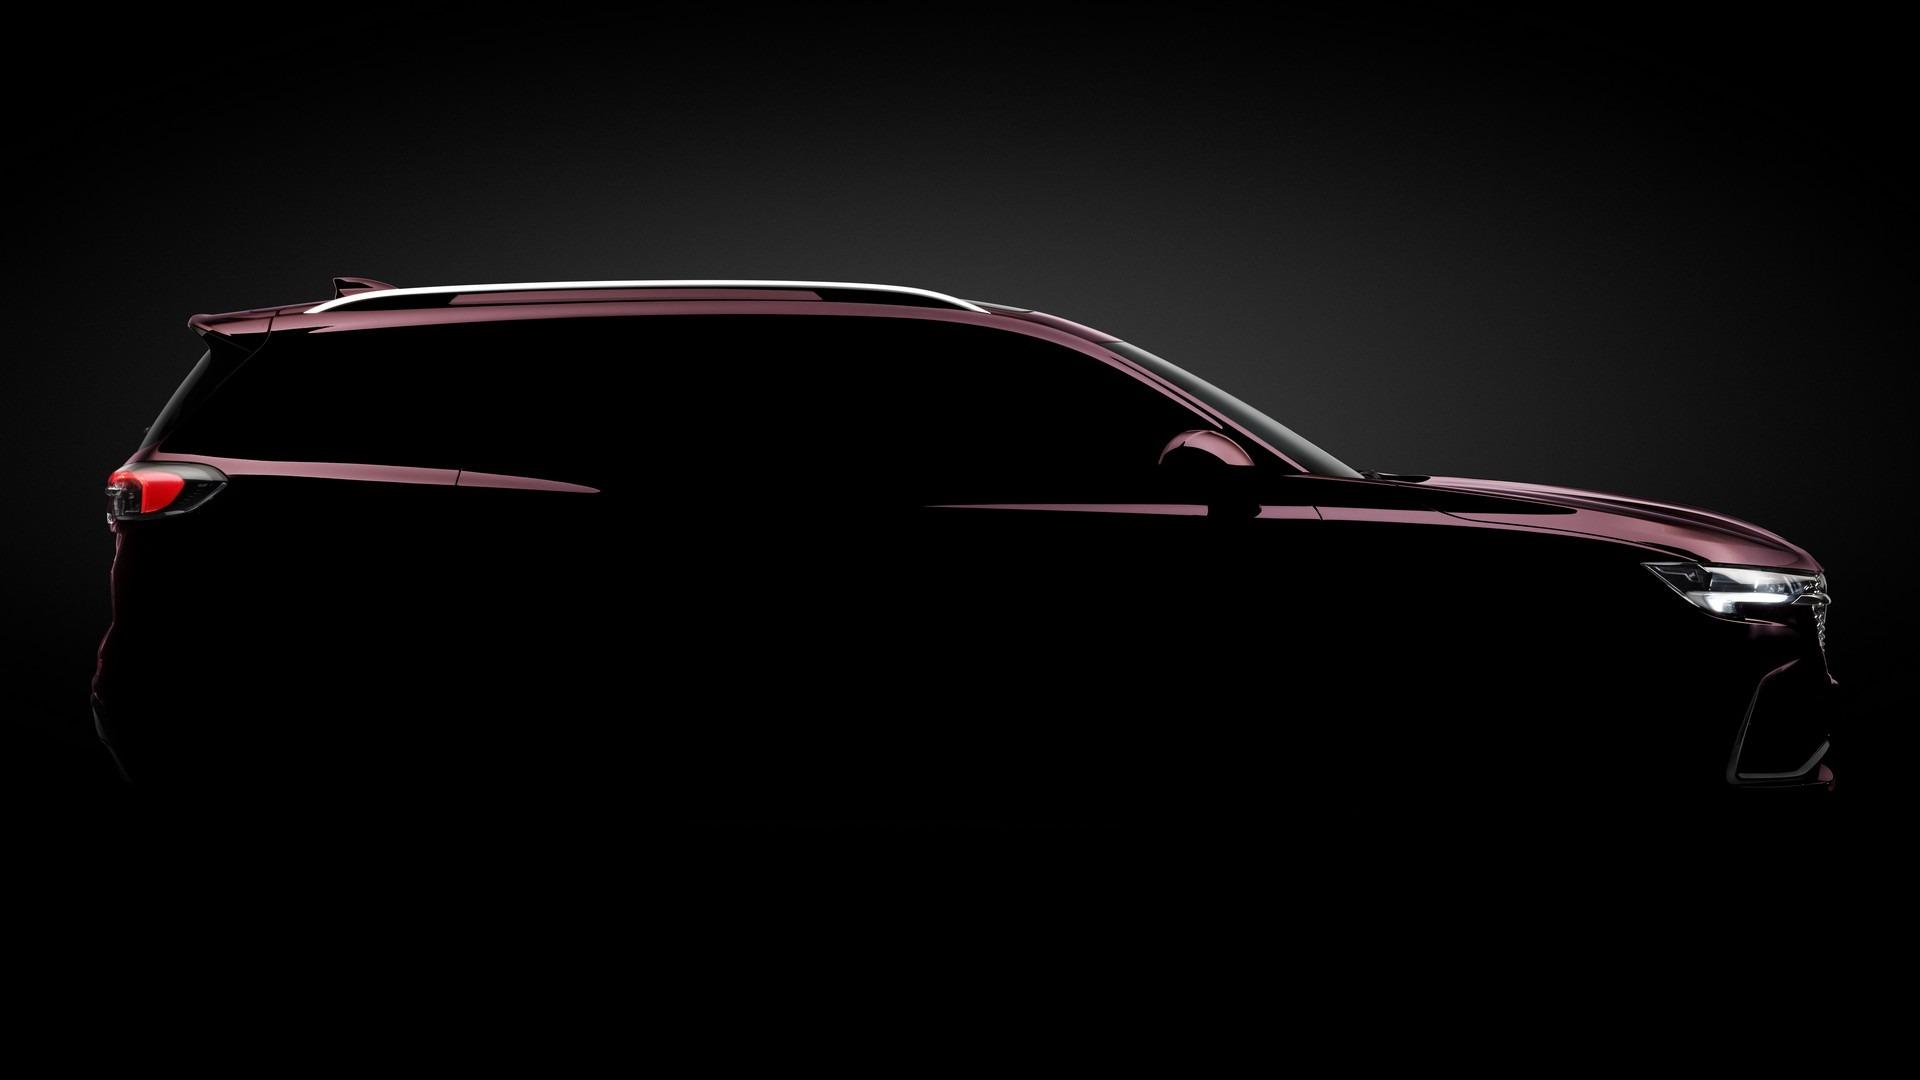 Buick подразнил своих поклонников новой моделью Envision Plus. Трехрядный среднеразмерный внедорожник встанет на ступеньку выше Envision S и просто Envision (на фото и видео), а его дебют пройдет в этом месяце на Шанхайском автосалоне.